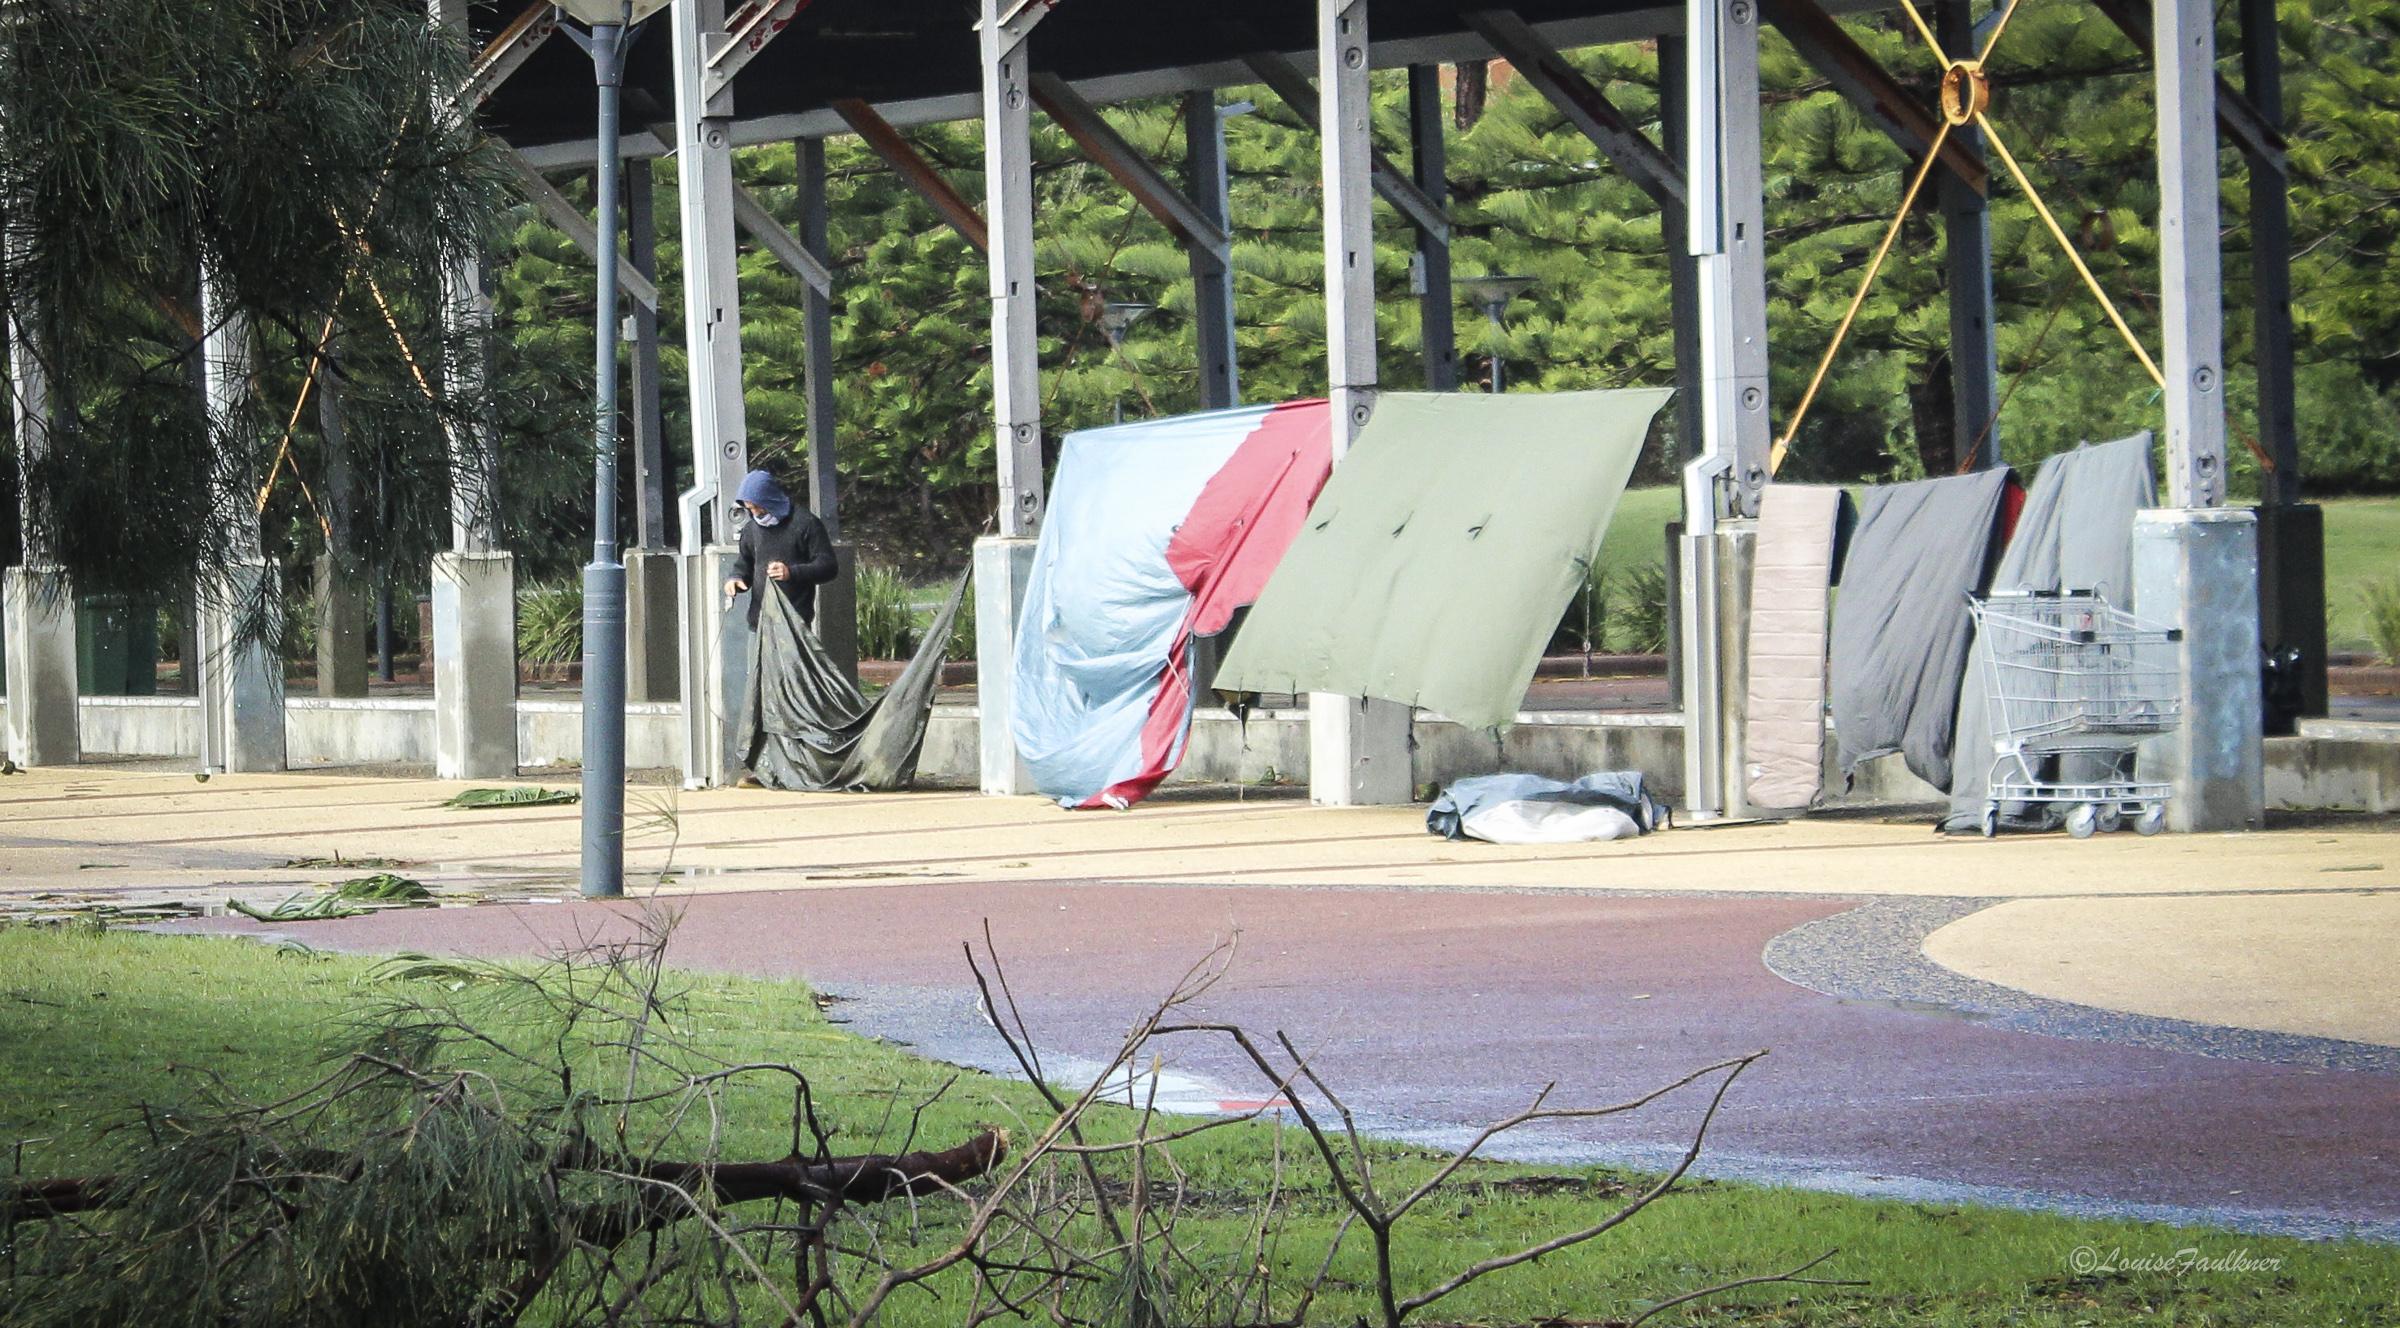 Newcastle Homeless Man Homeless-man-1-of-1.jpg